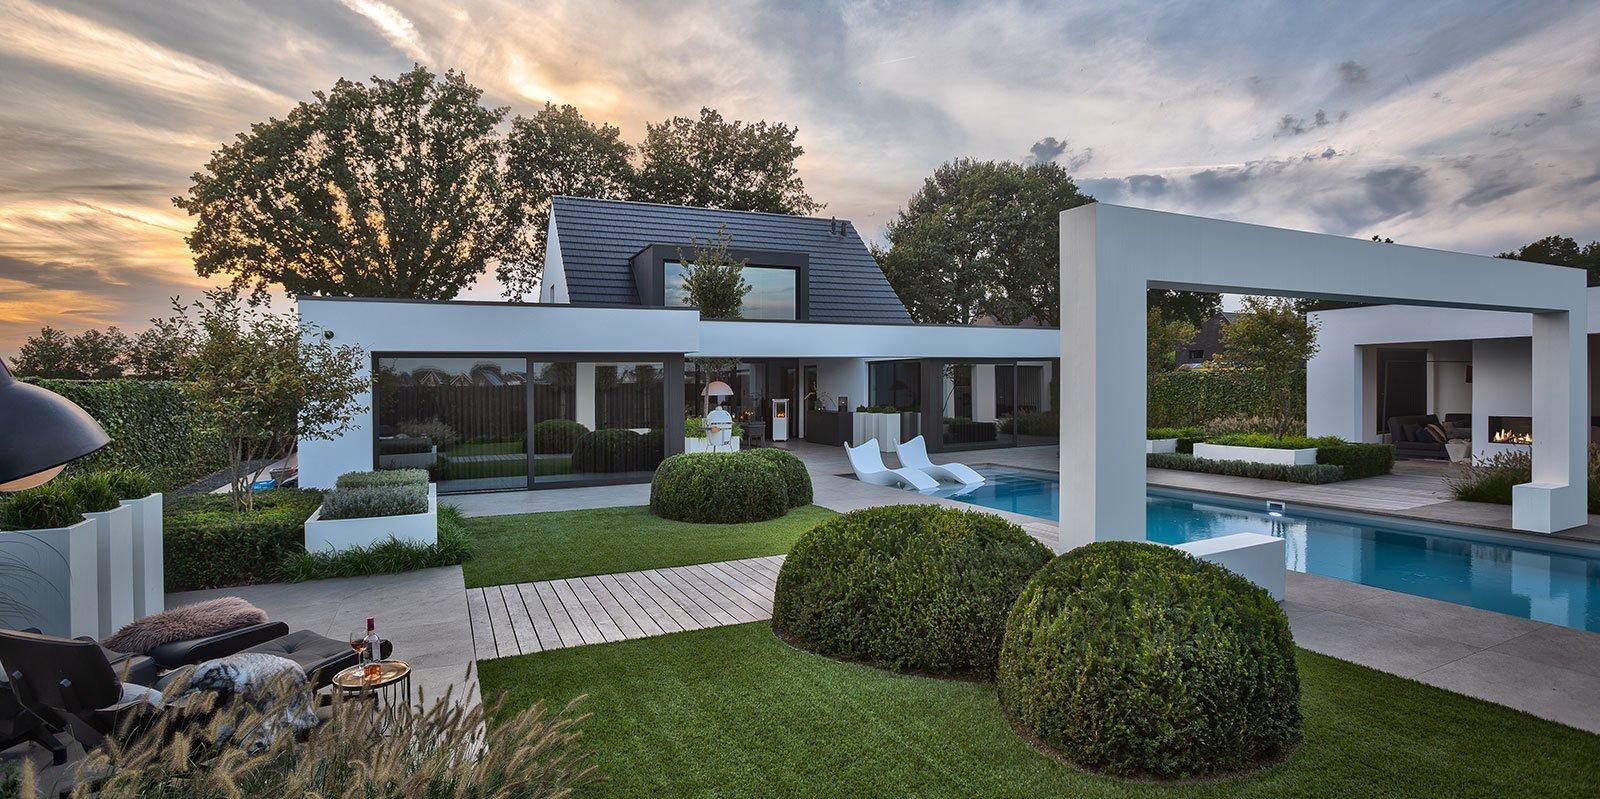 Wellness tuin, Knops Tuindesign, tuin aanleggen, tuin villa, villa tuin, exclusieve tuin